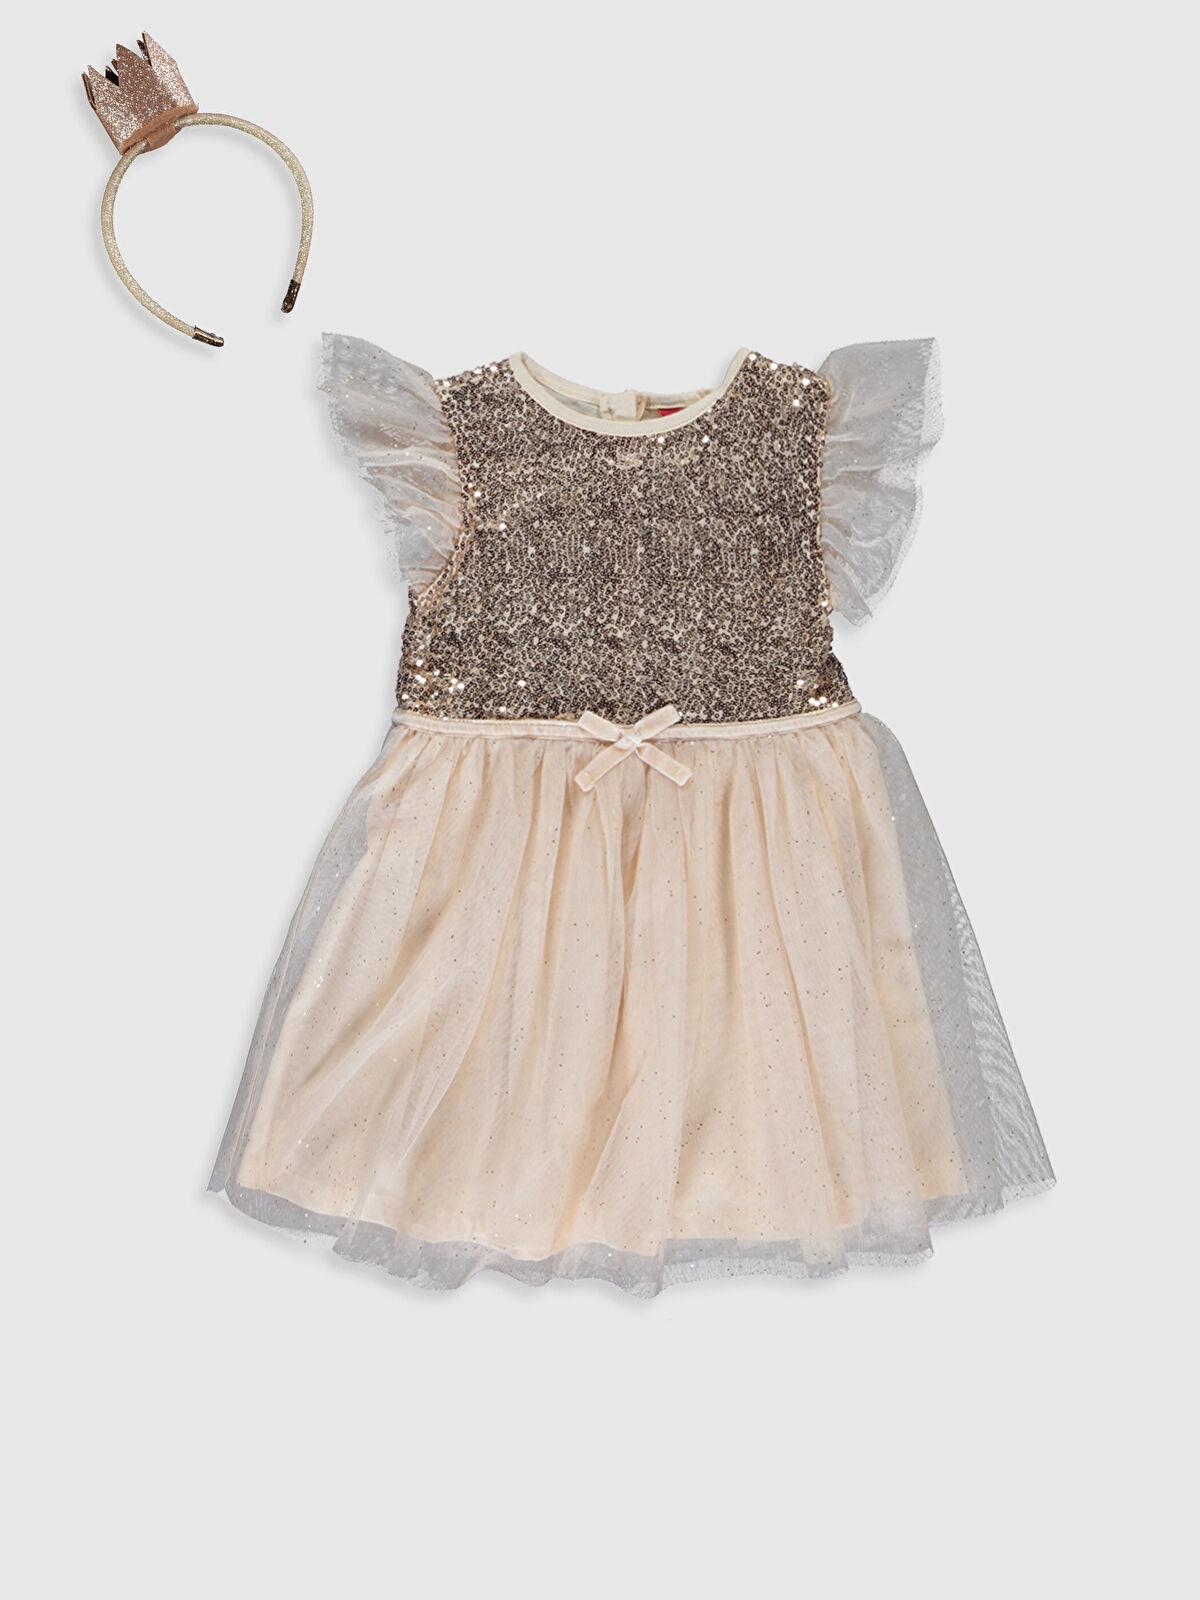 Kız Çocuk Pul İşlemeli Tütü Elbise ve Taç - LC WAIKIKI